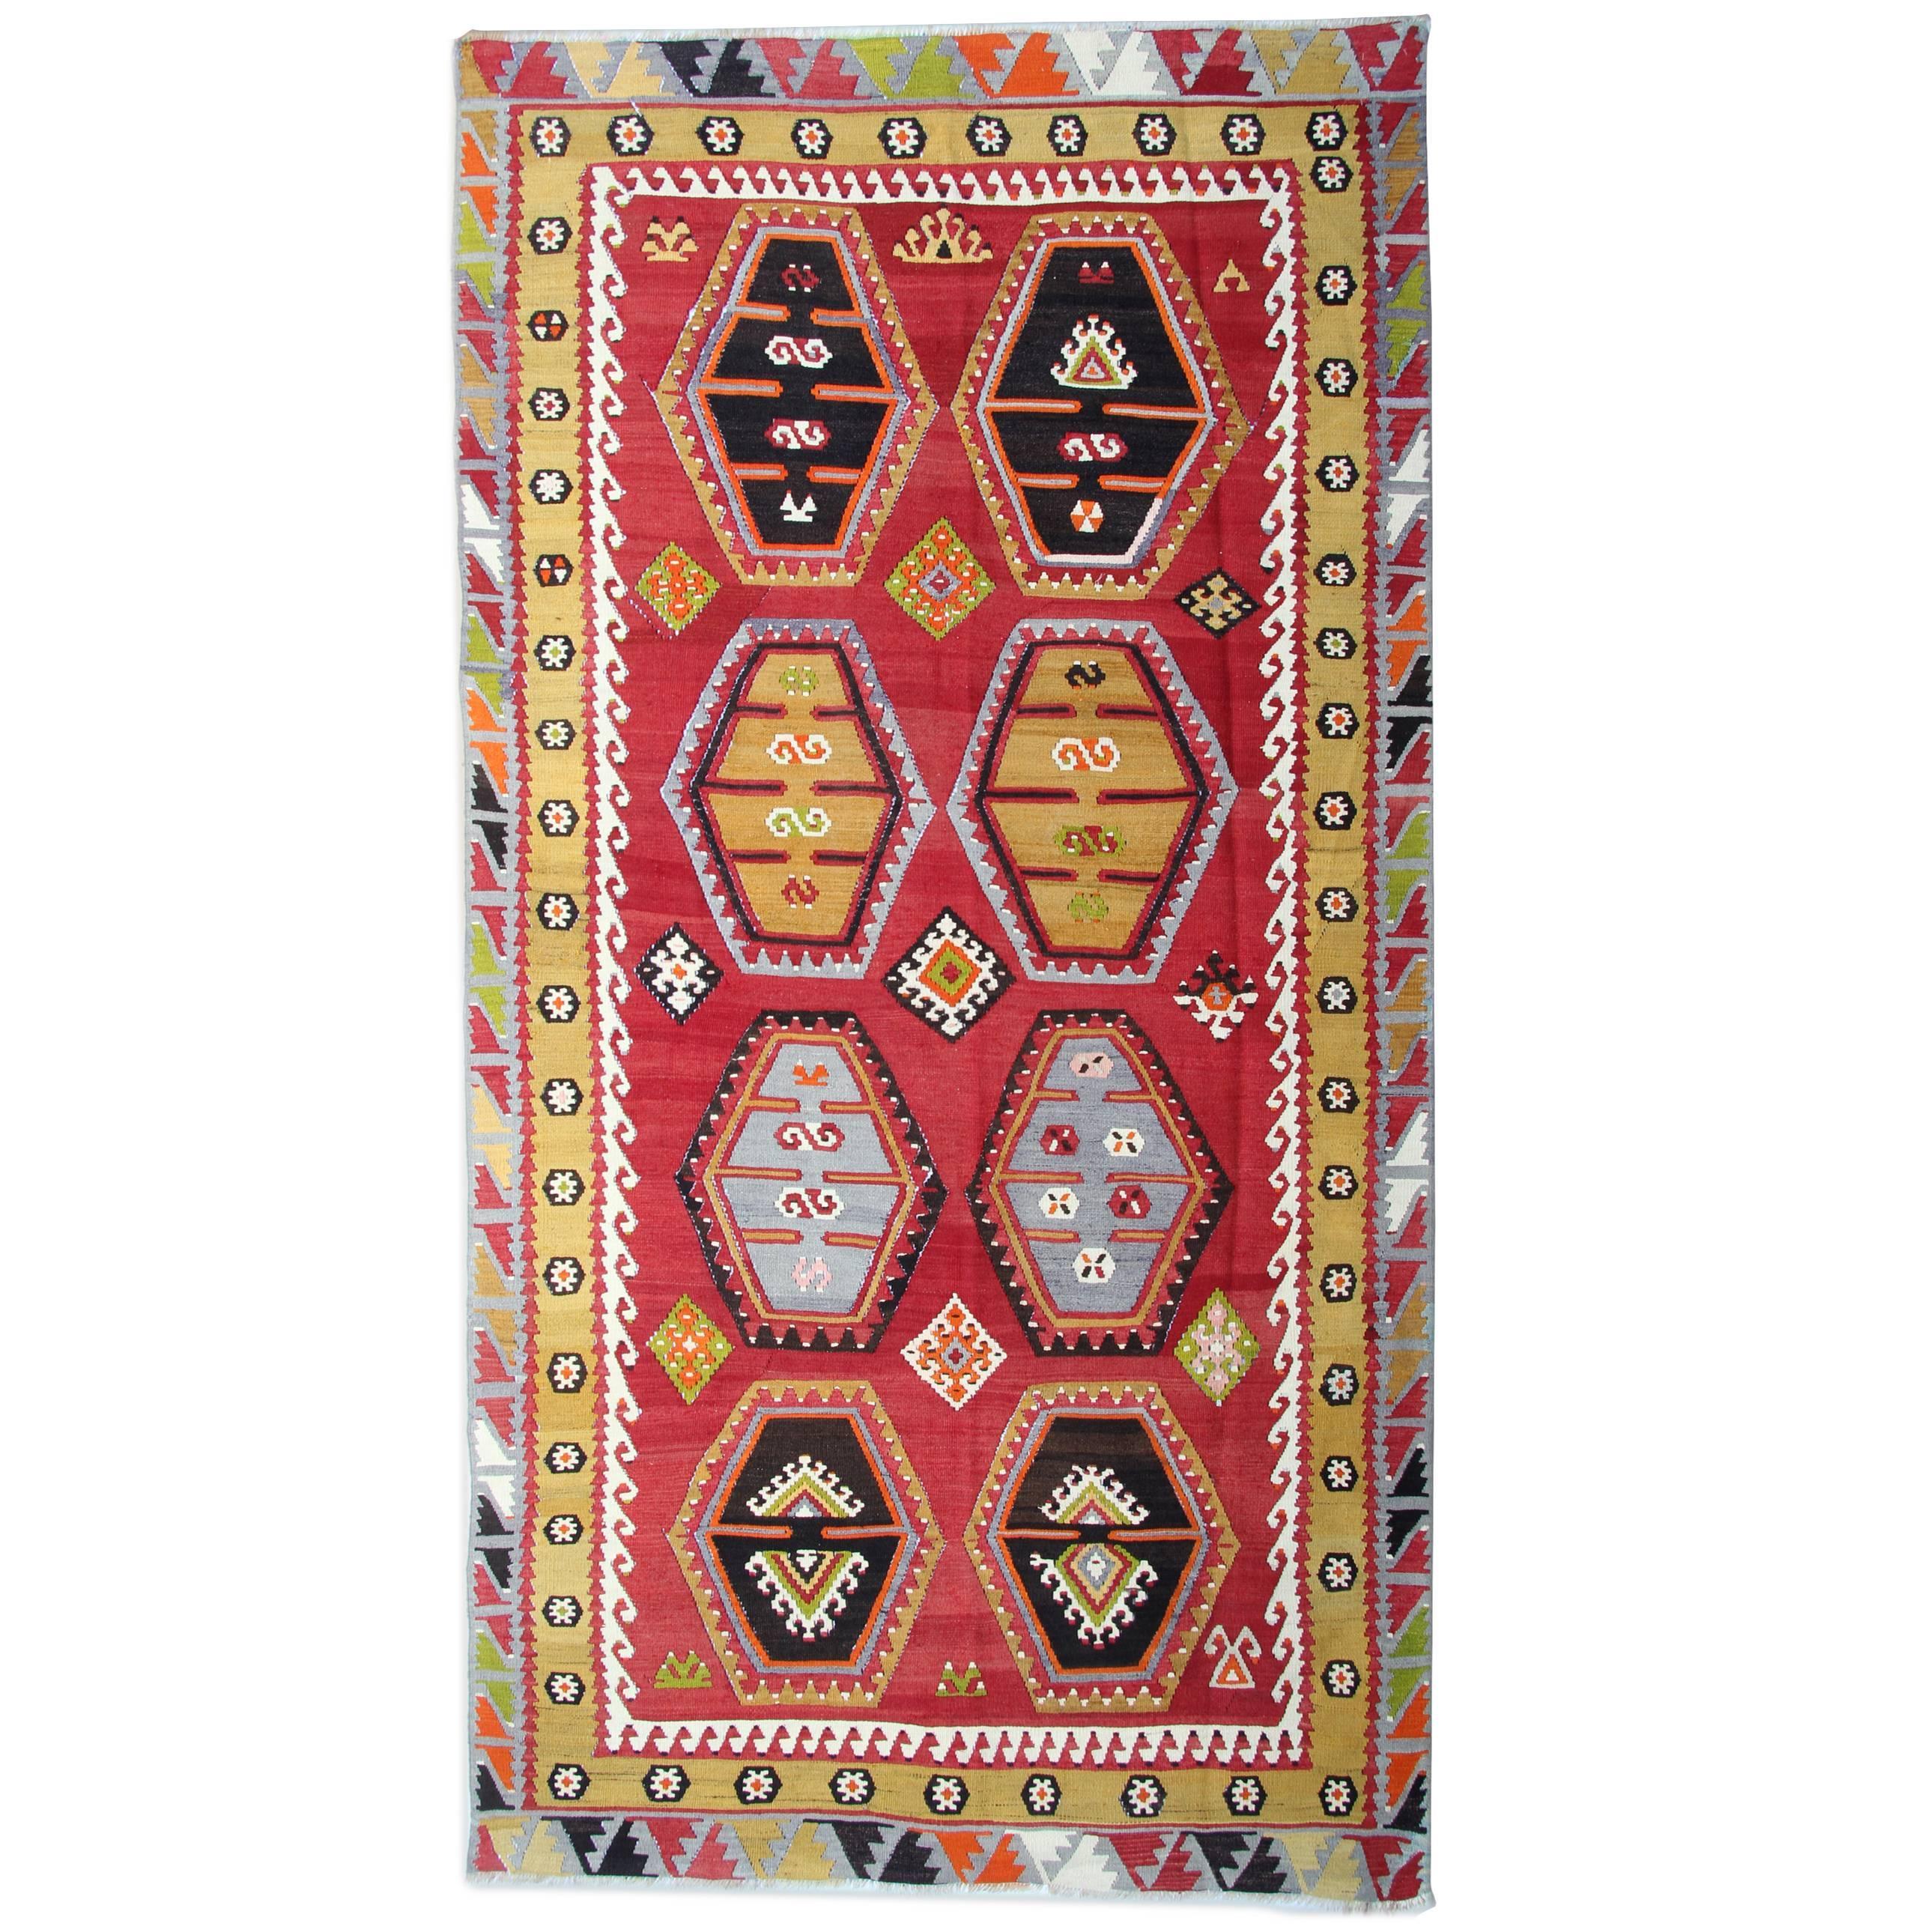 Antique Rug Anatolian Turkish Kilim Rug, Luxury Living Room Rug